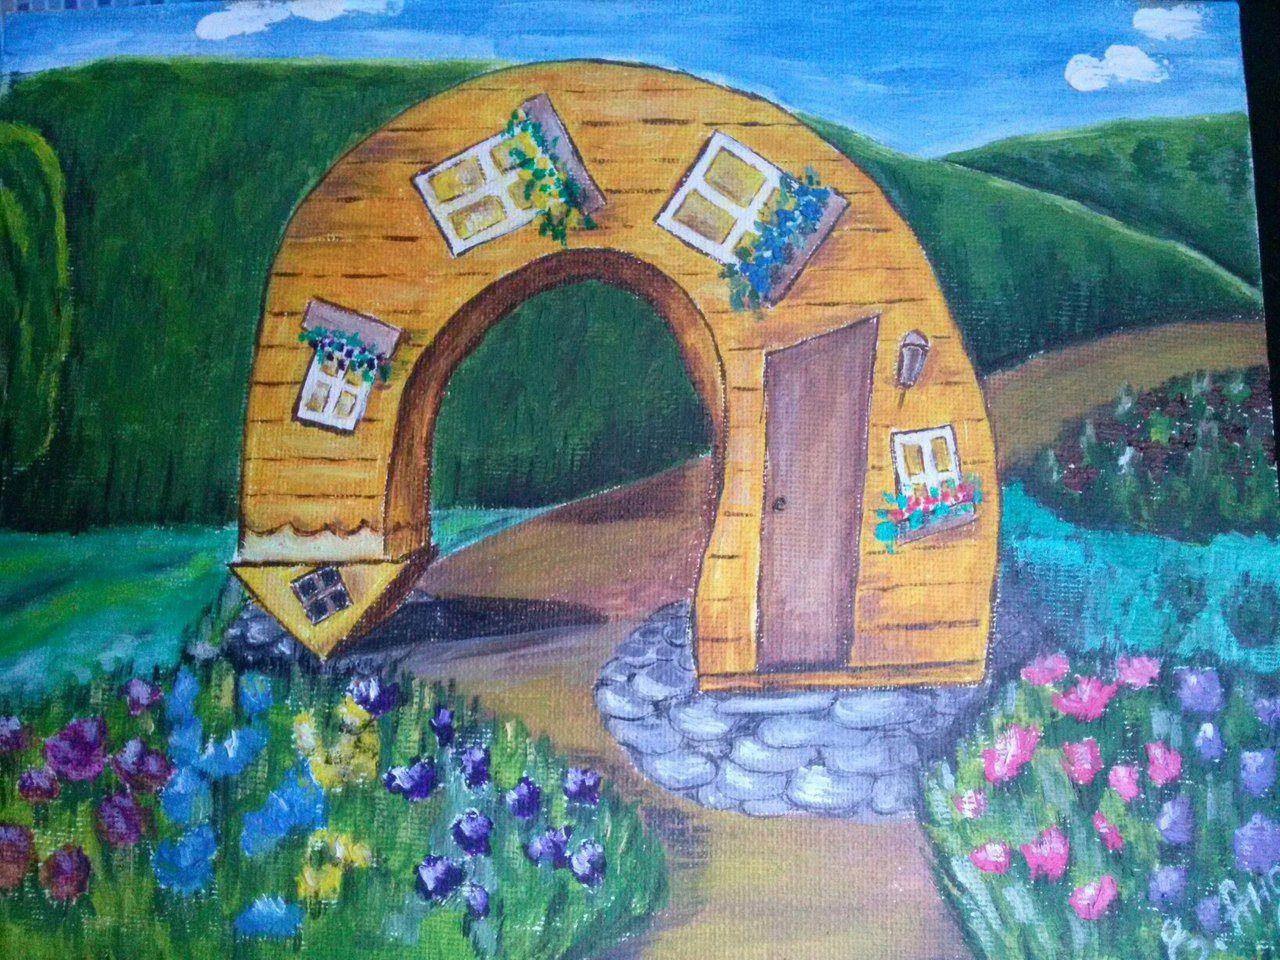 холст подарок картина масло фантазия детям дом